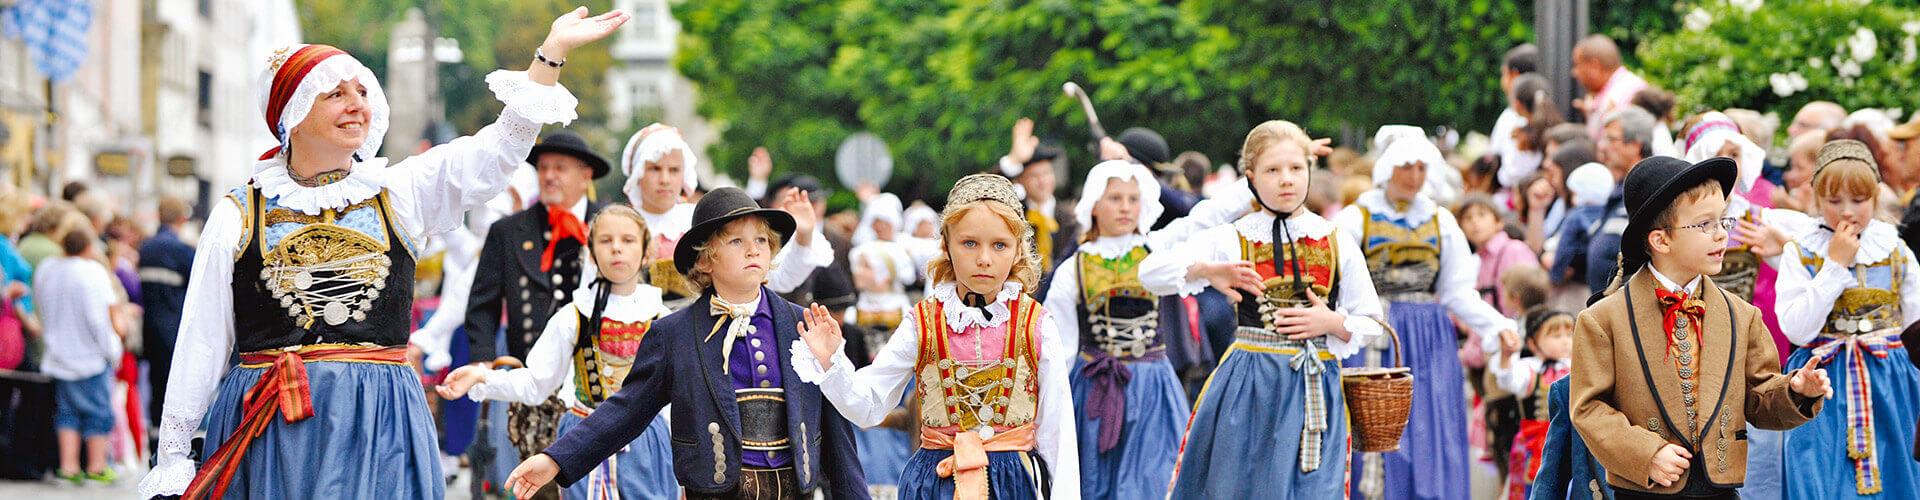 In traditionelle Tracht gekleidete Kinder und Erwachsene beim Festzug